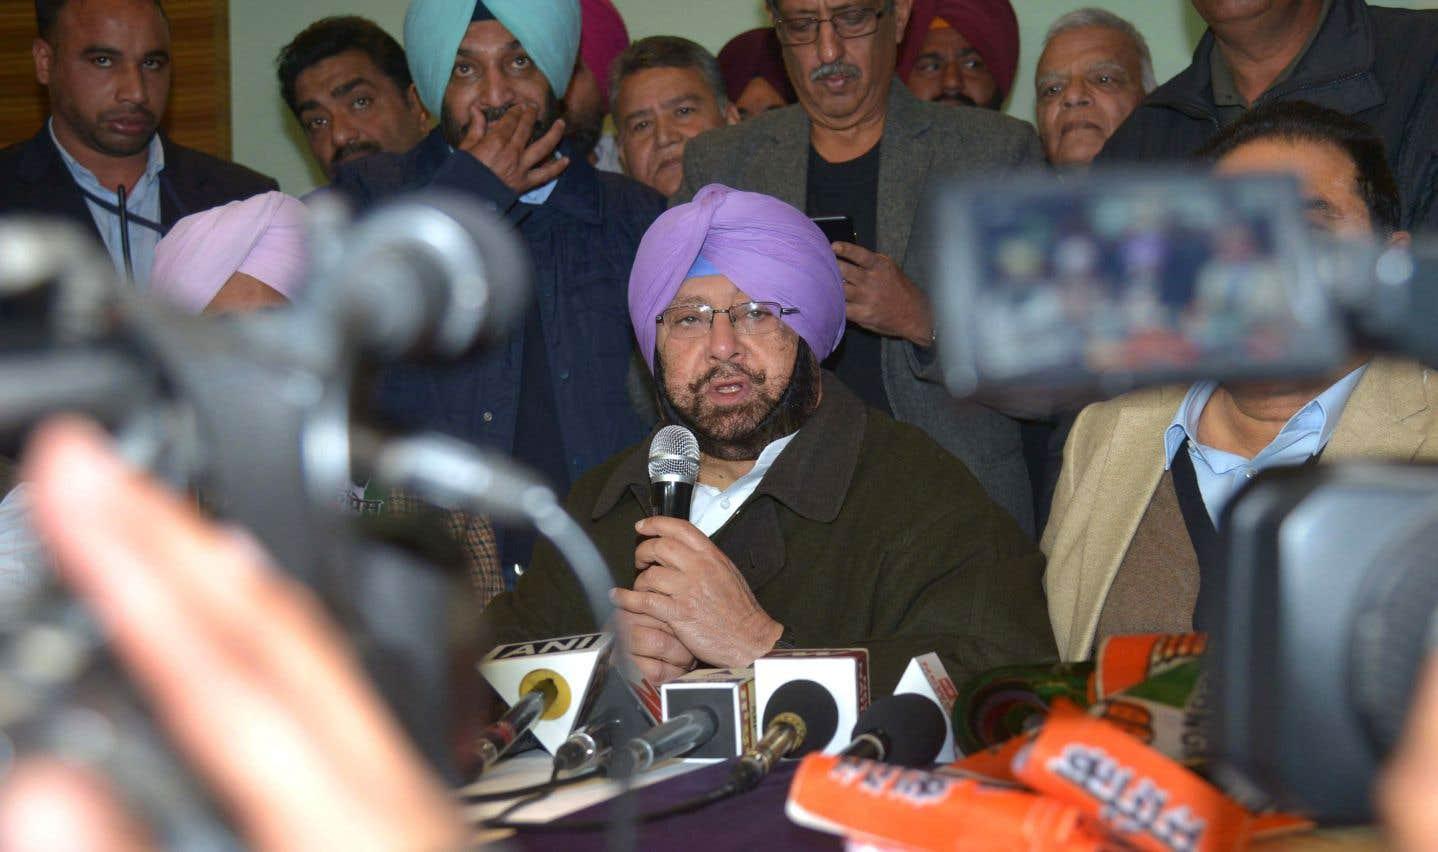 Le ministre en chef de l'État du Pendjab,Amarinder Singh